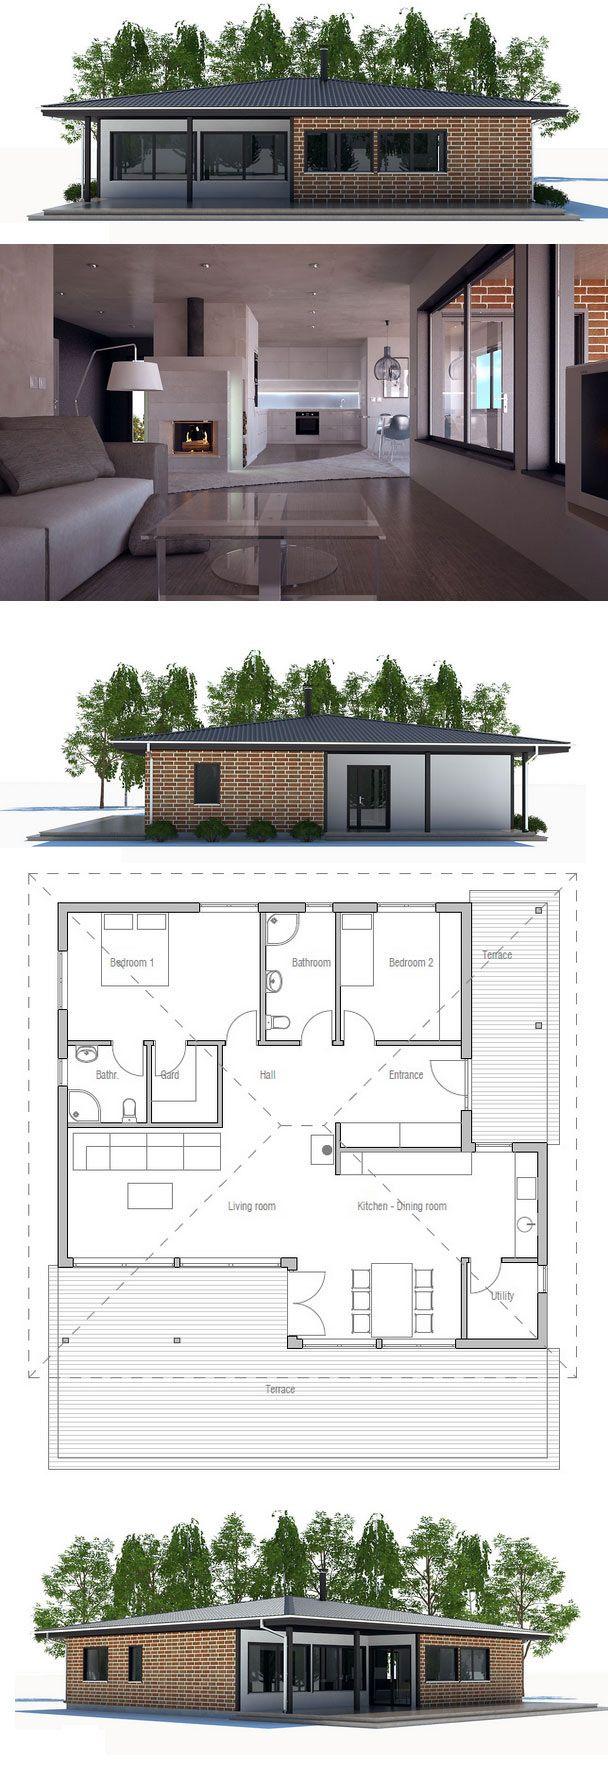 Les 25 meilleures id es de la cat gorie mod les for Modele d architecture de maison